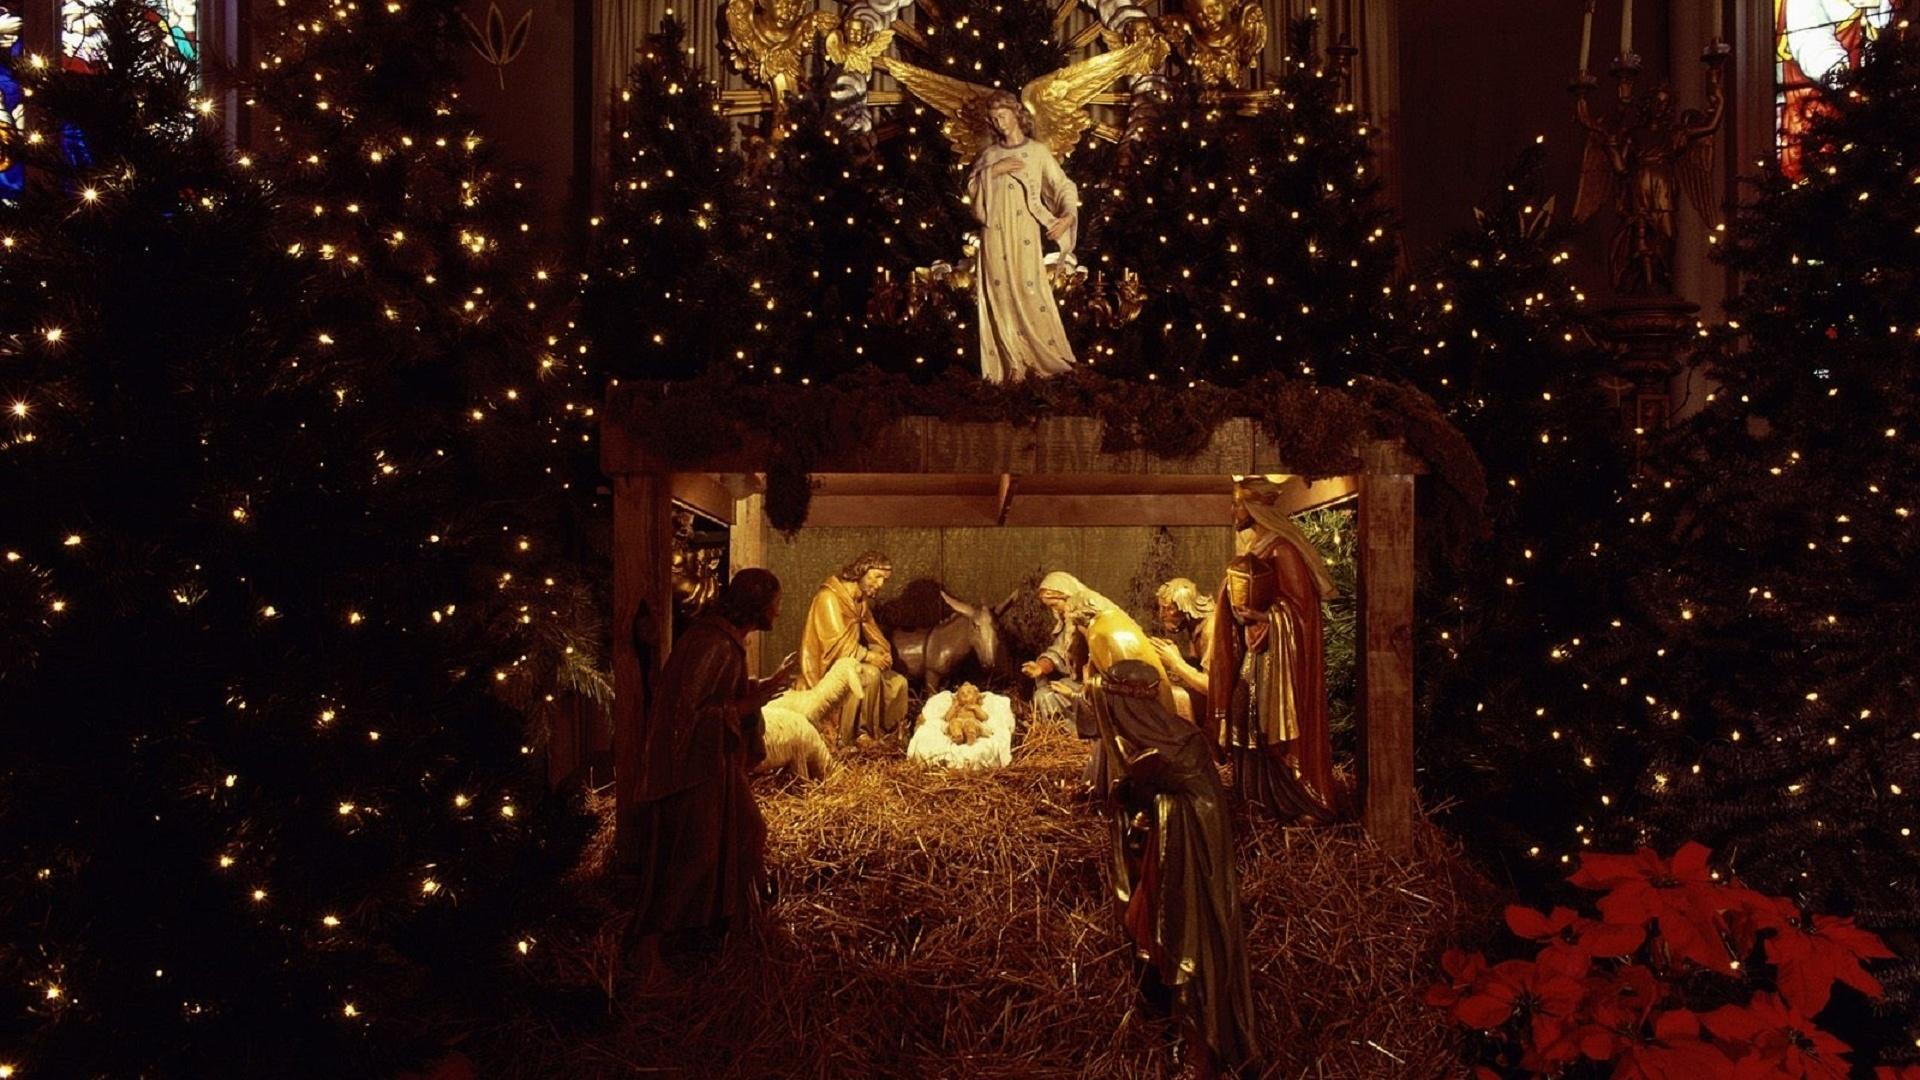 тайну лучшие картинки о рождестве такие шарики возникают